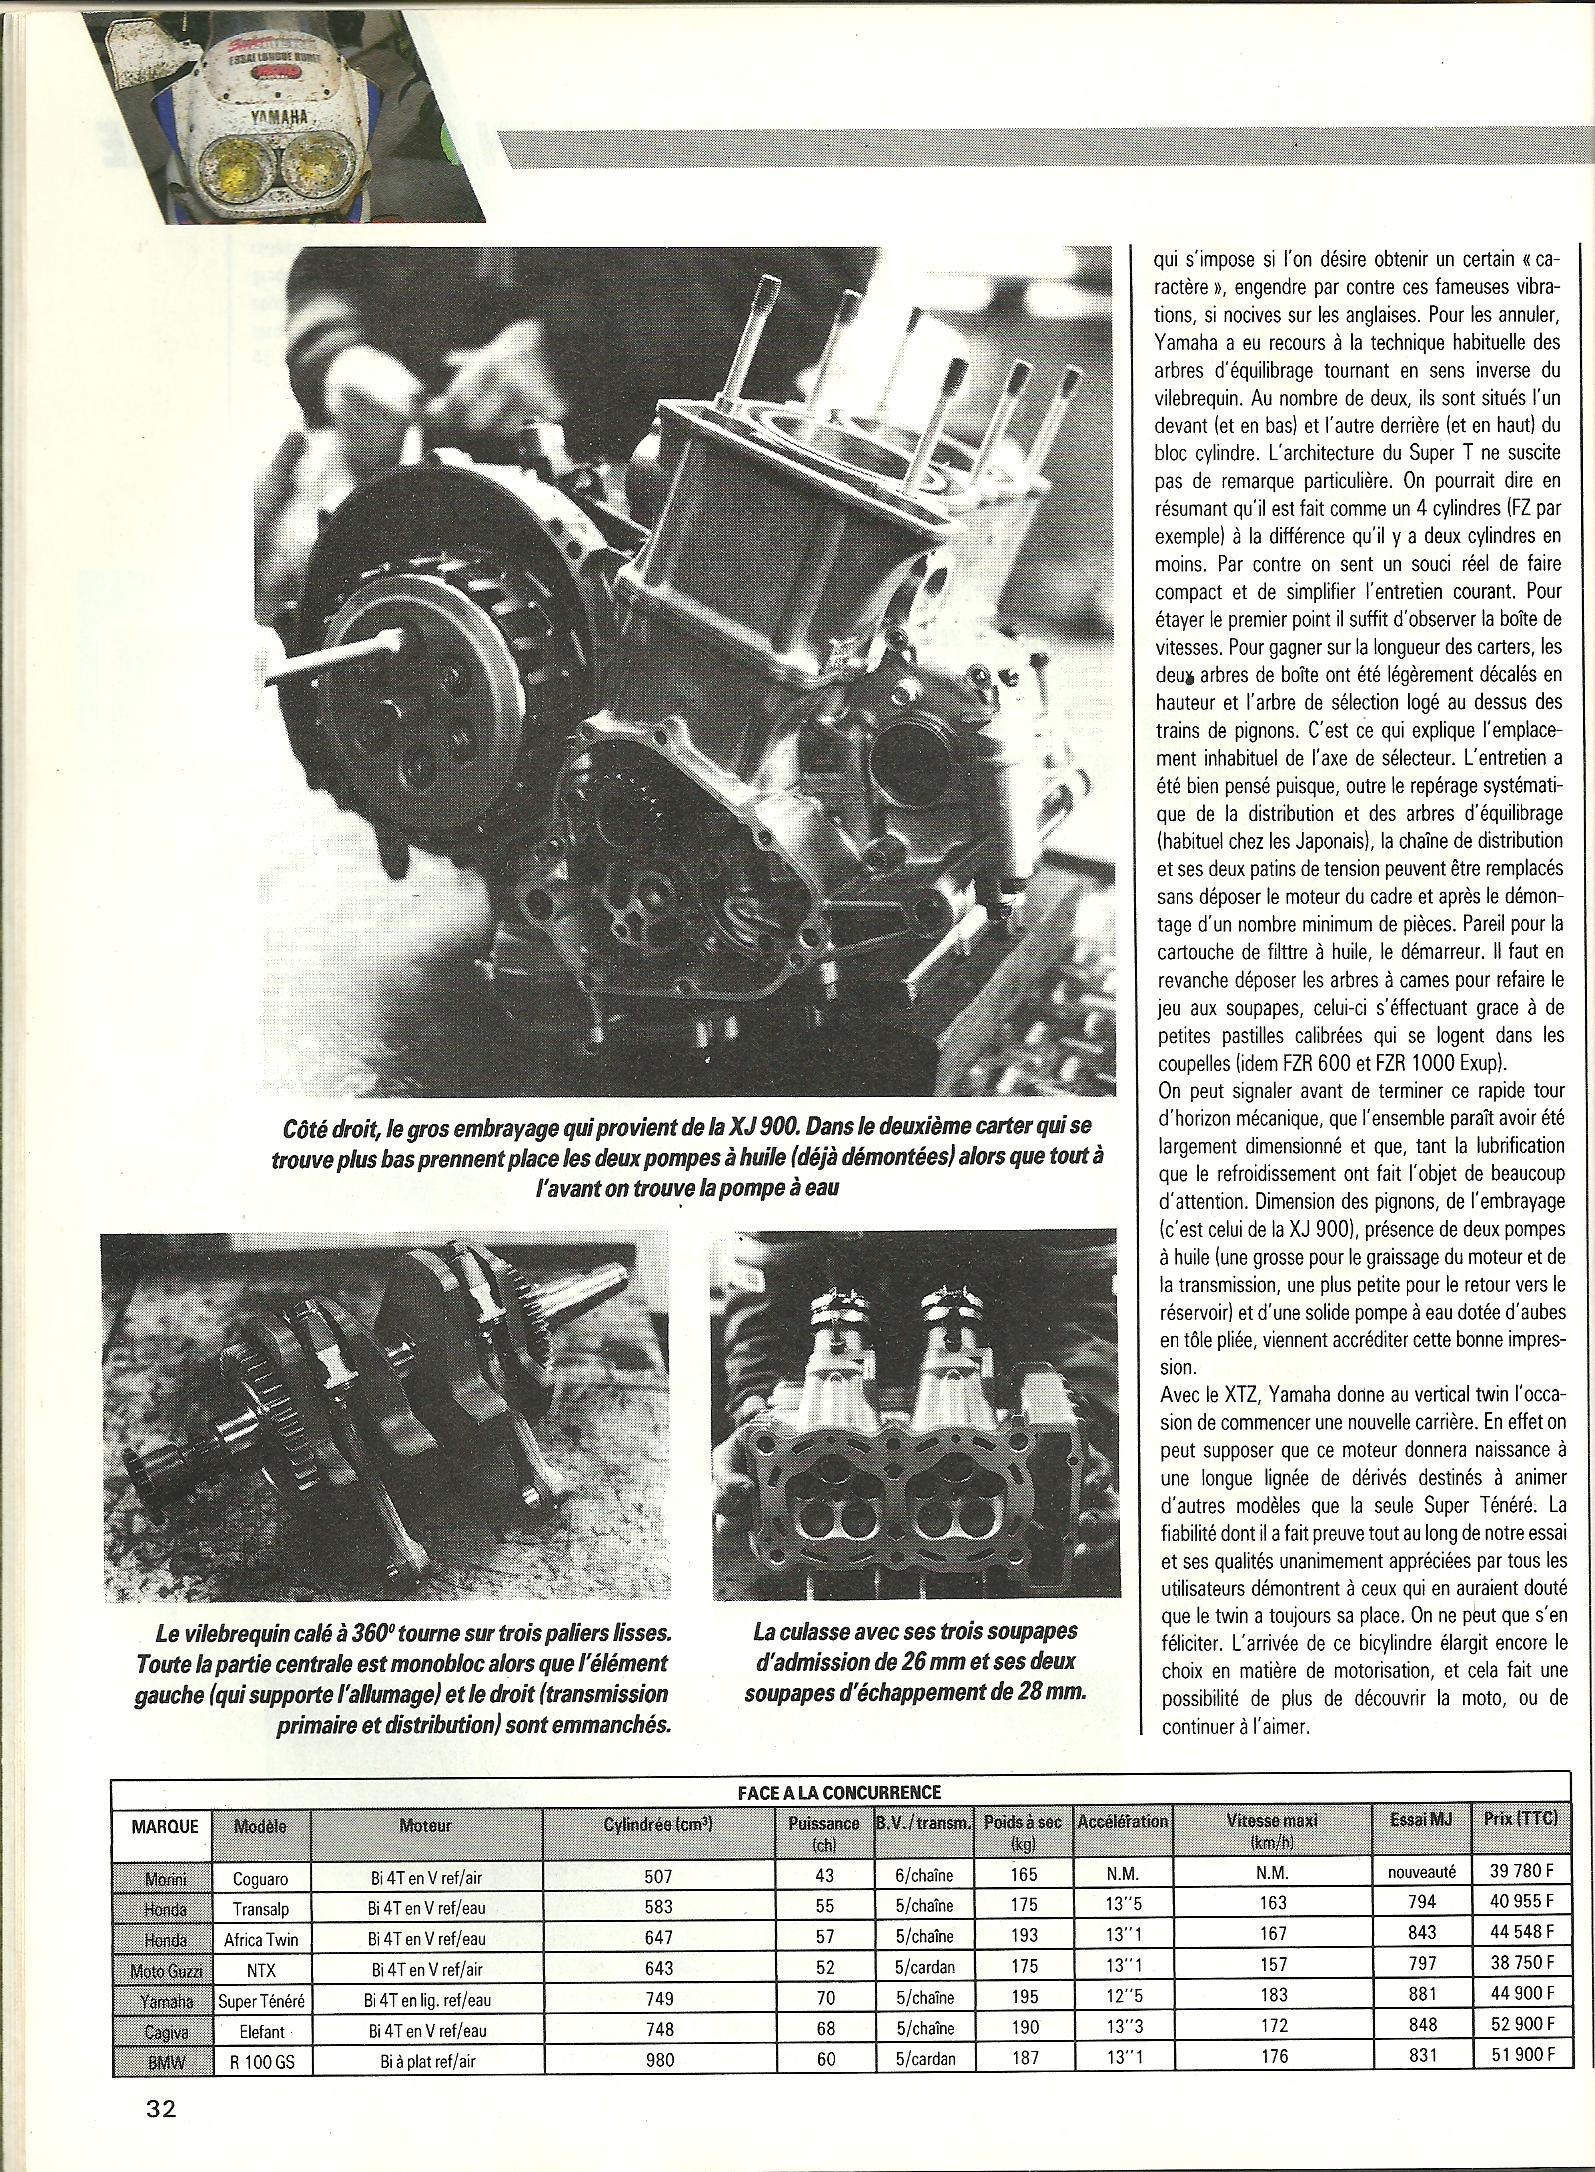 Essai longue durée 12'426km en Super ténéré 750 le 25 Mai 1989 307720p16001